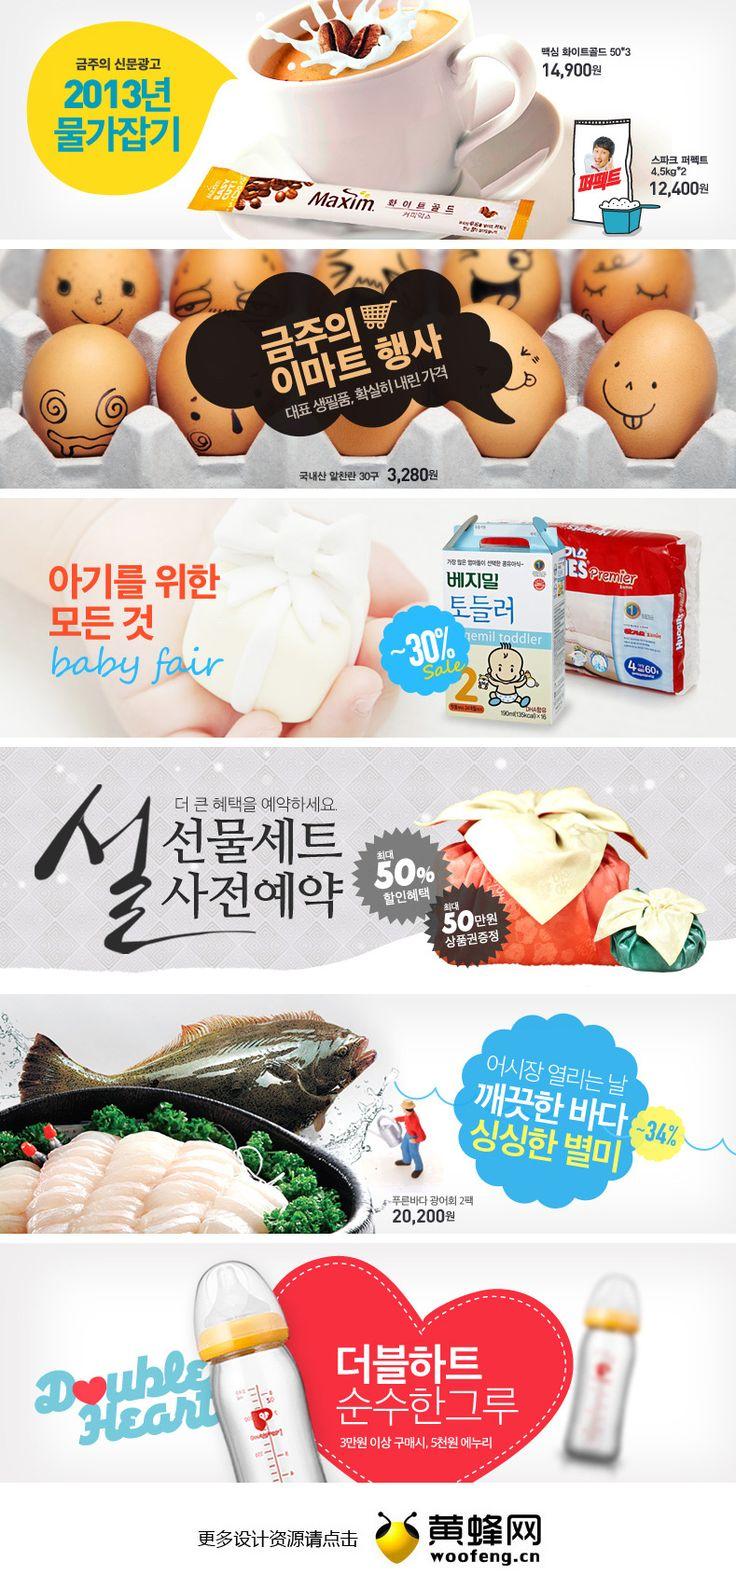 emart韩国购物网站Banner设计欣赏0115